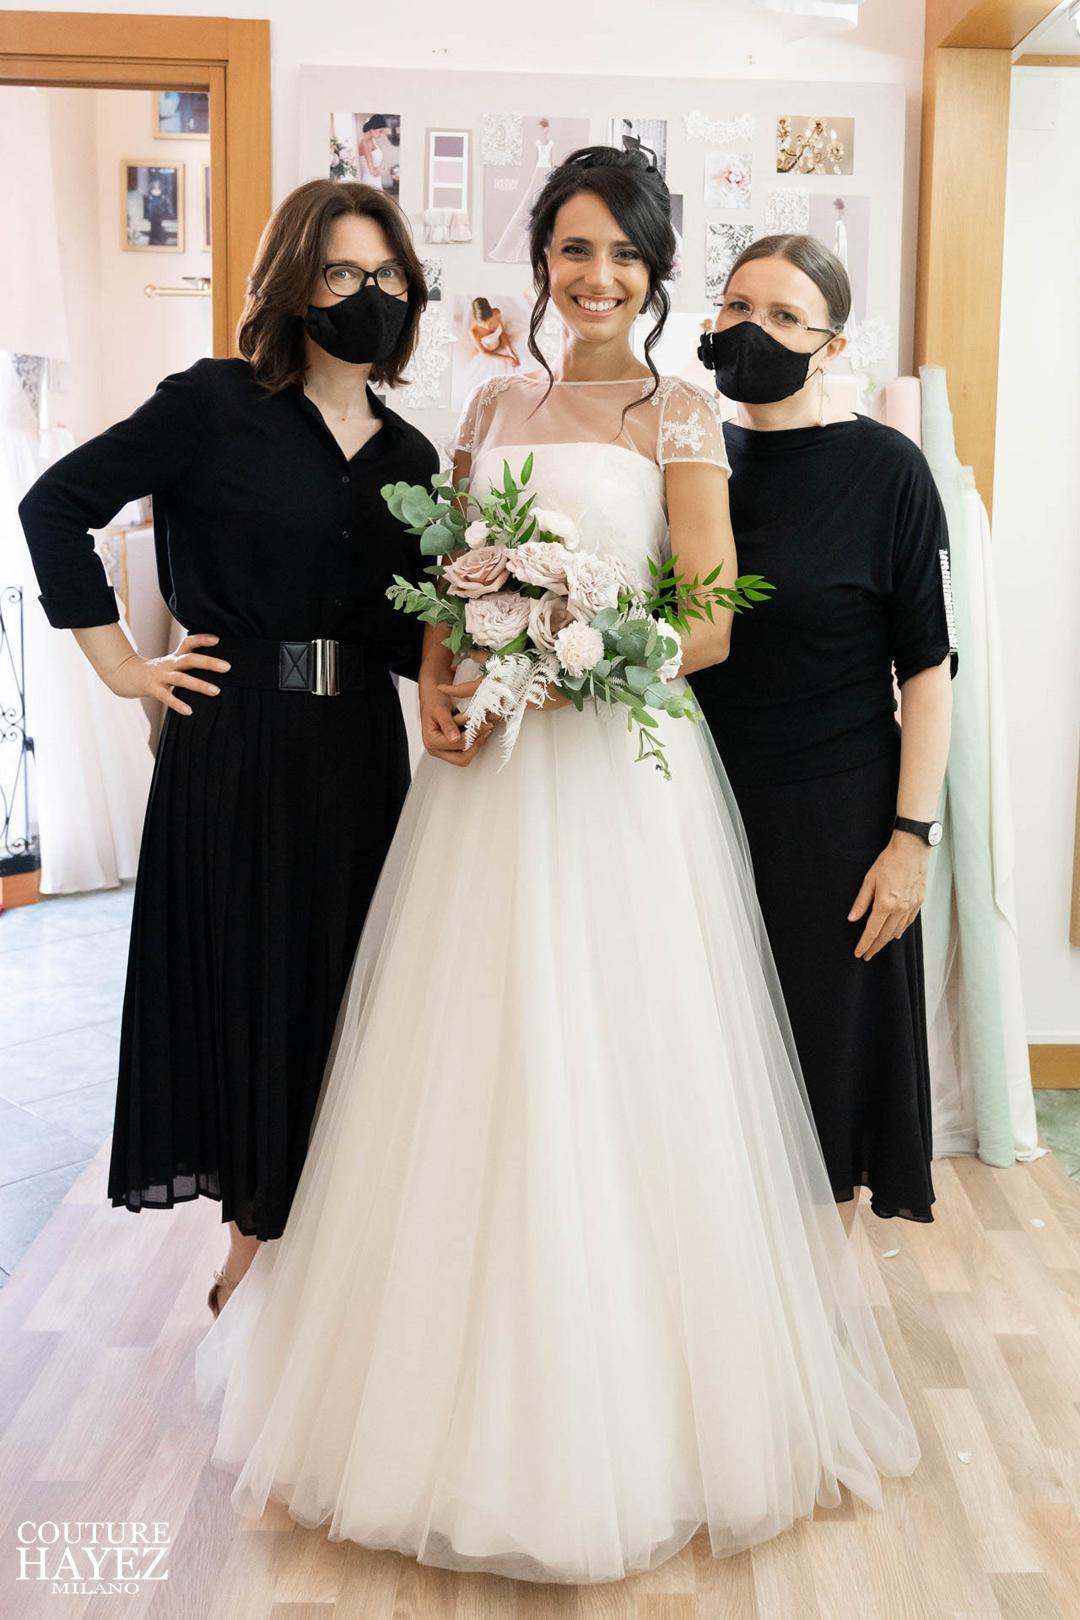 ultima prova abito da sposa unica e indimenticabile, abiti da sposa made in italy